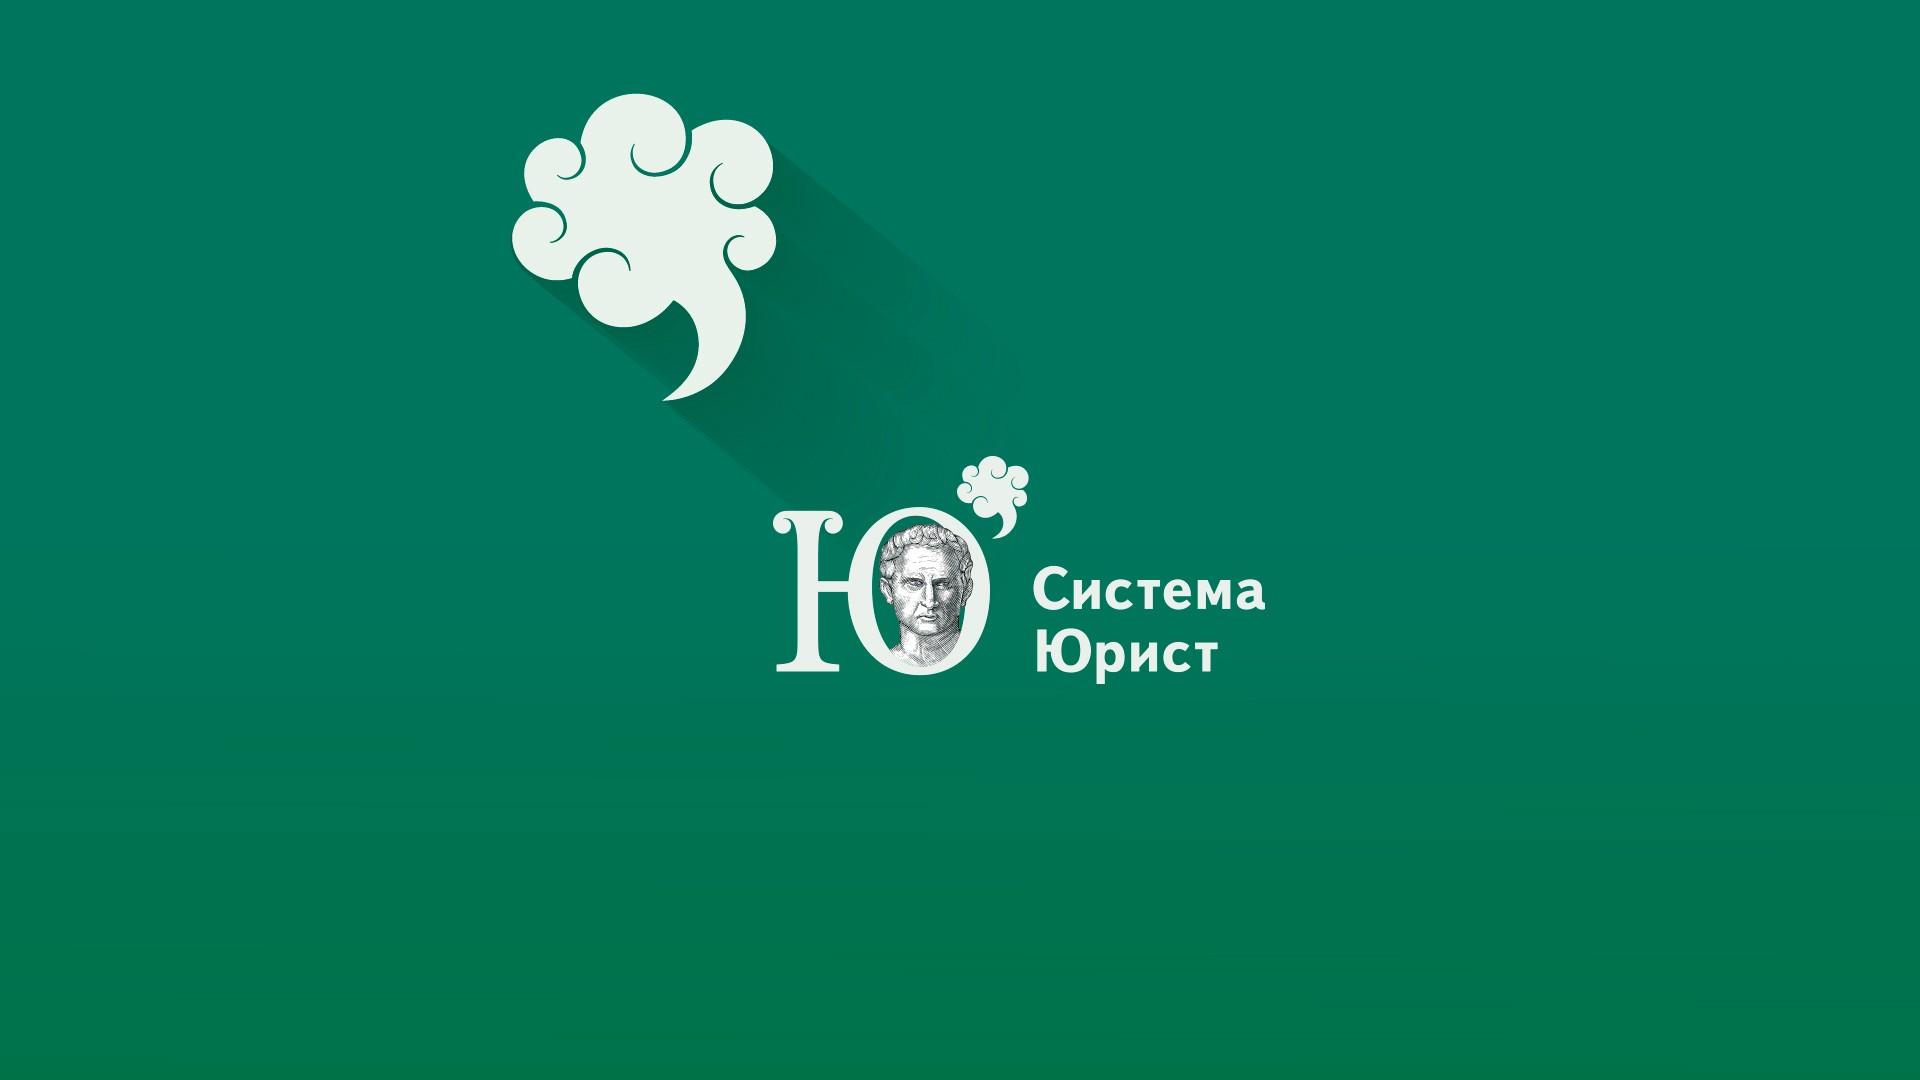 VII Юридический форум для практиков